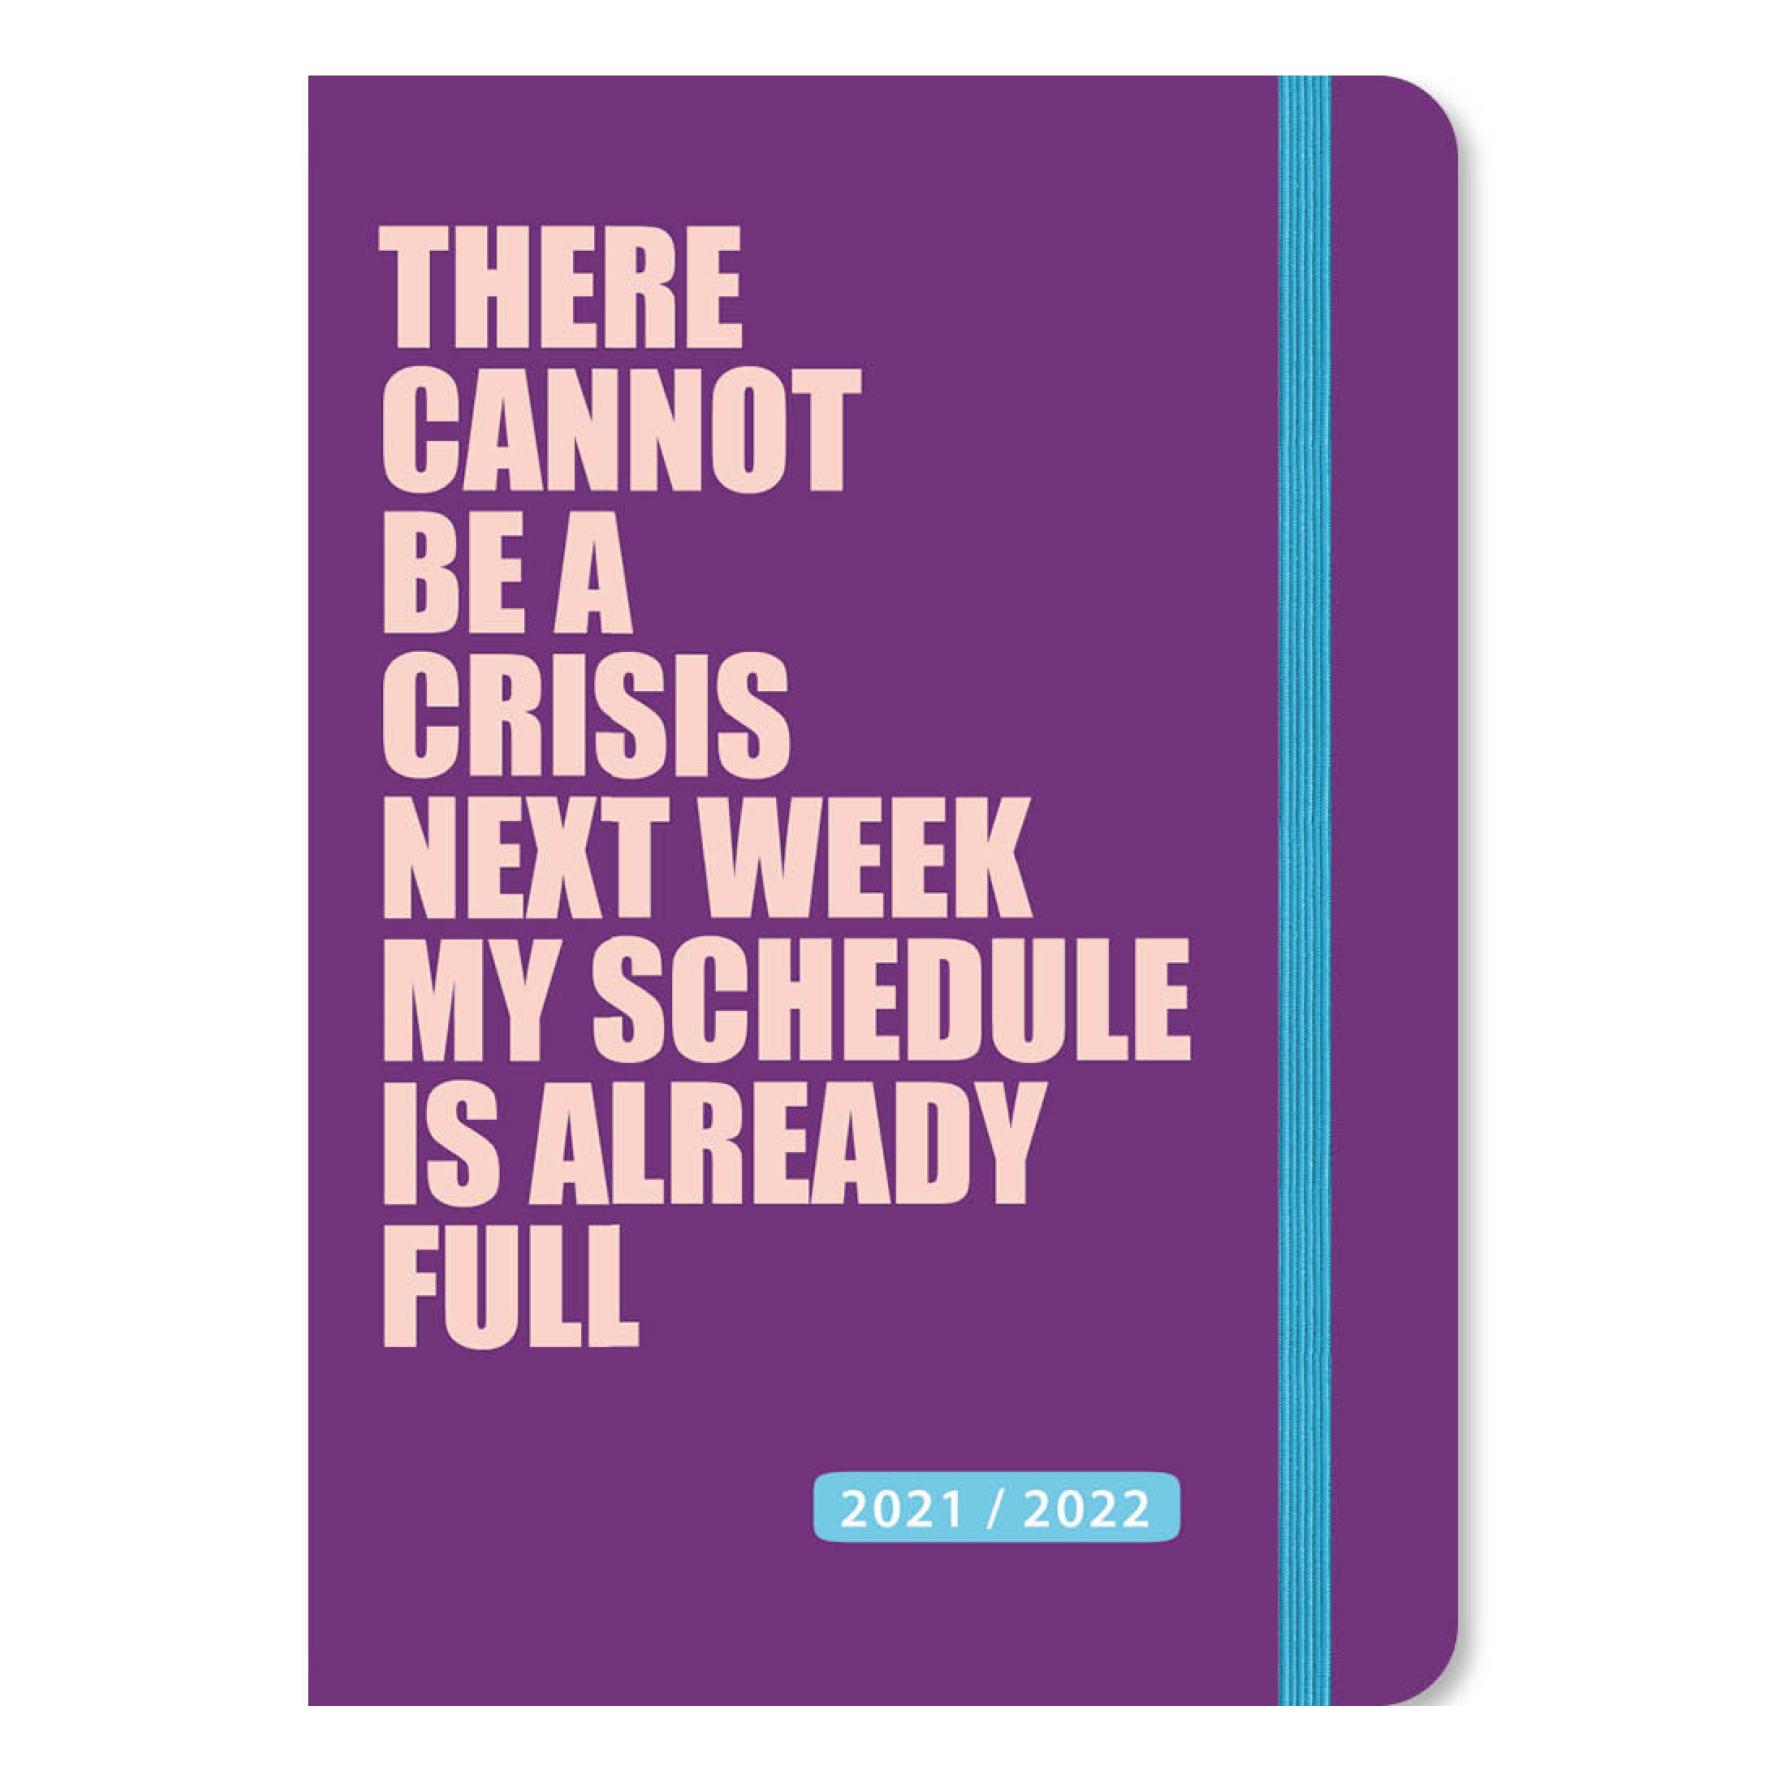 Agenda - Maandplanner - 2022 - 17 maanden - A5 - Paars - in Agenda's